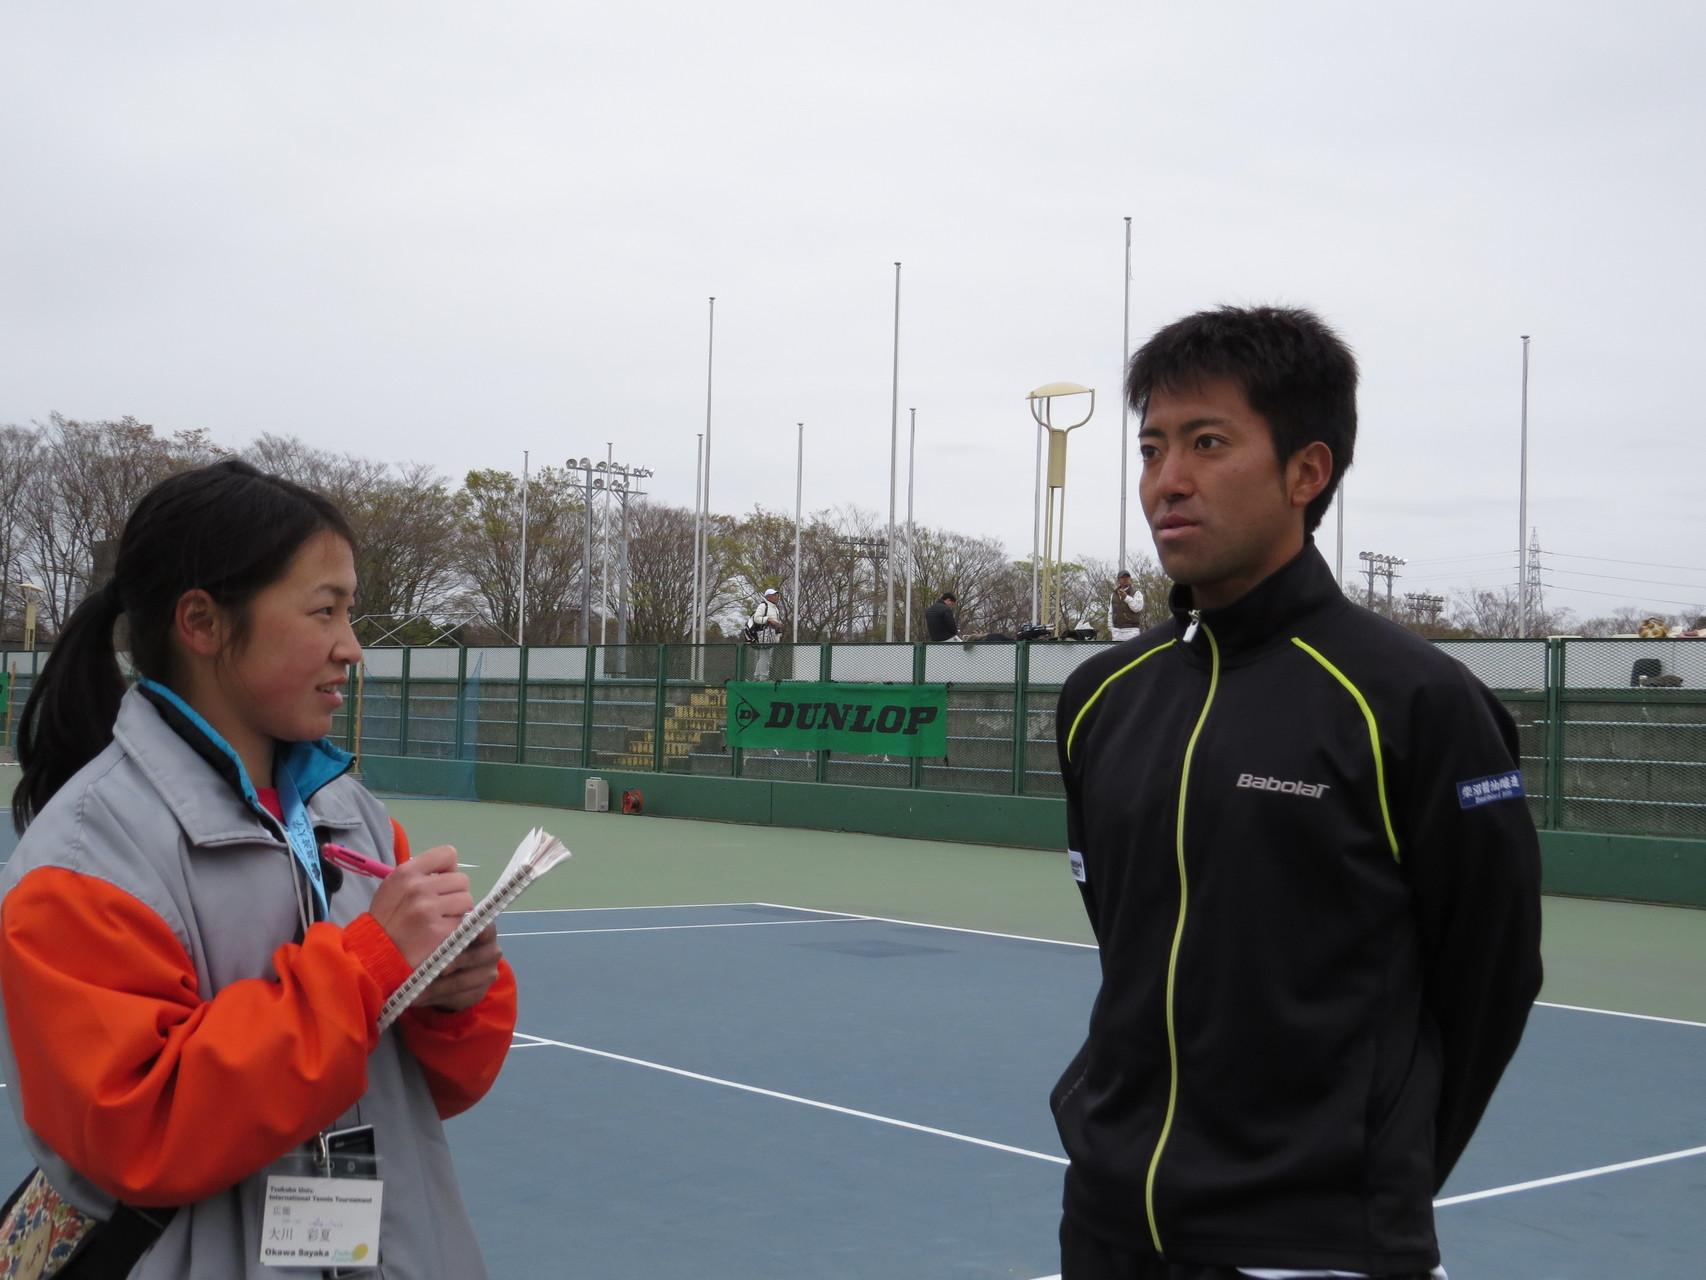 インタビューの様子 仁木拓人選手